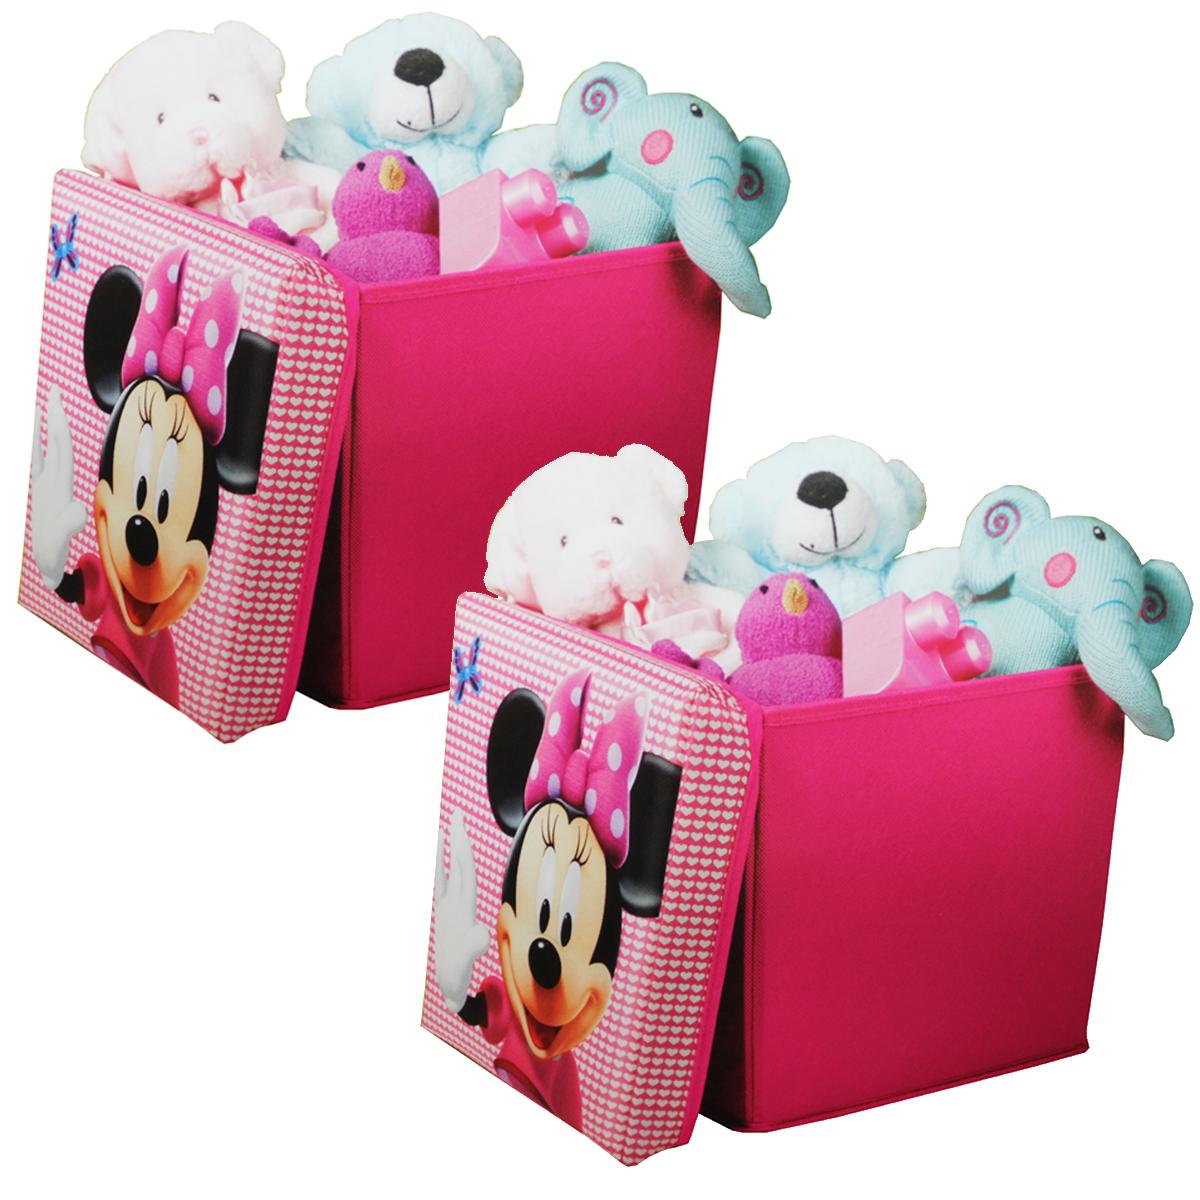 2er set disney minnie mouse canvas spielzeugkiste for Kinderzimmer aufbewahrungsbox